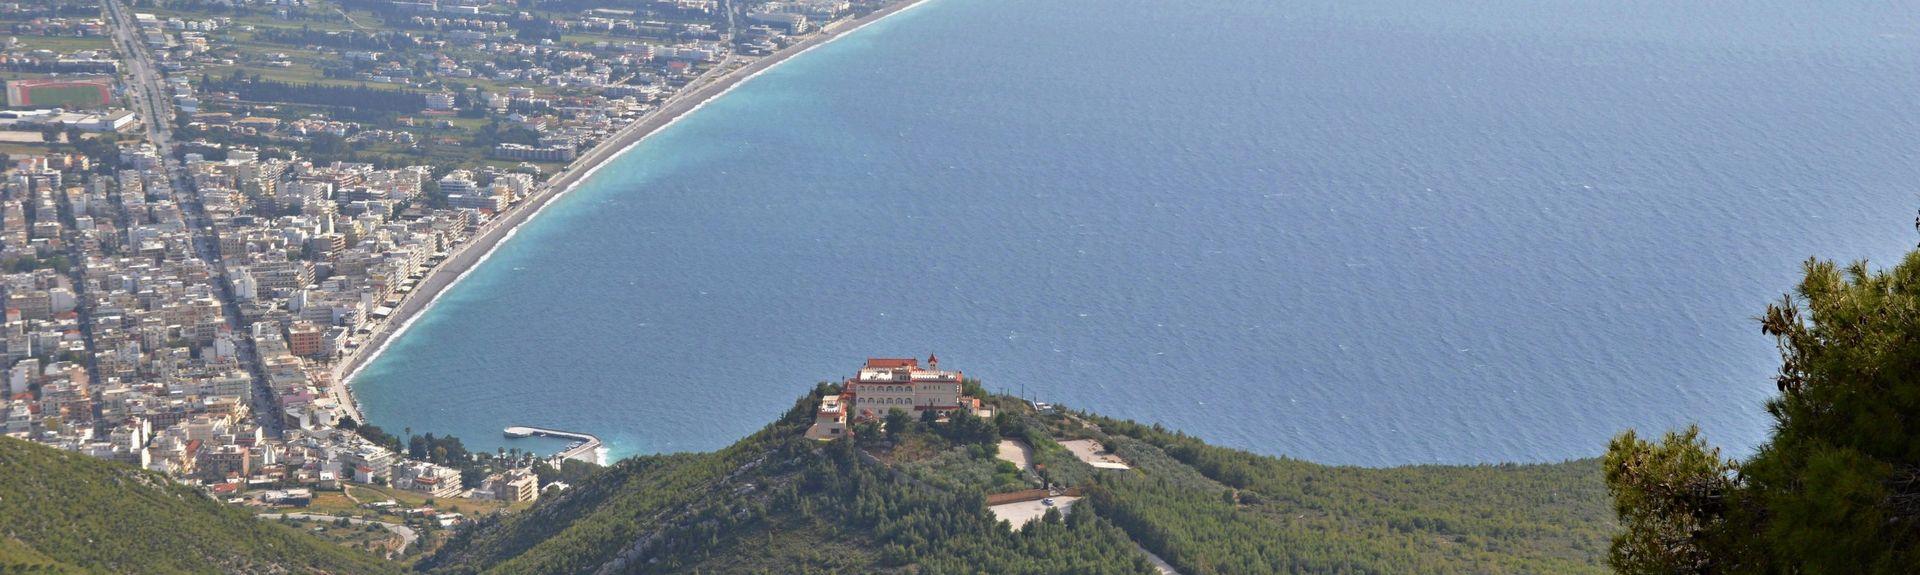 Soligia, Greece